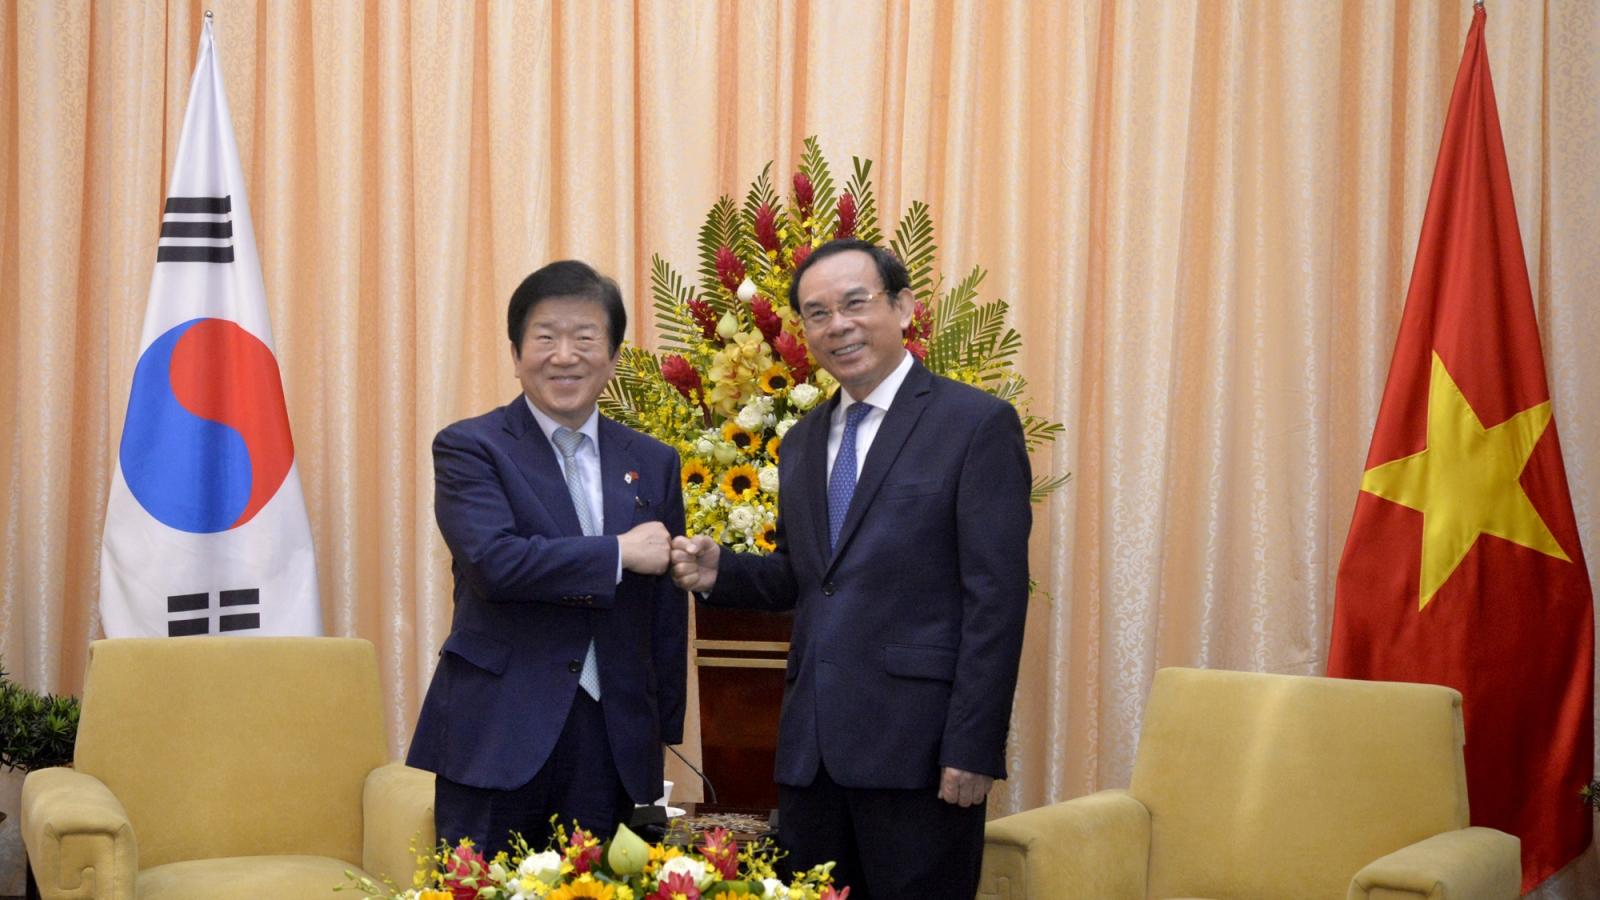 Bí thư Thành uỷ TPHCM Nguyễn Văn Nên tiếp Chủ tịch Quốc hội Hàn Quốc